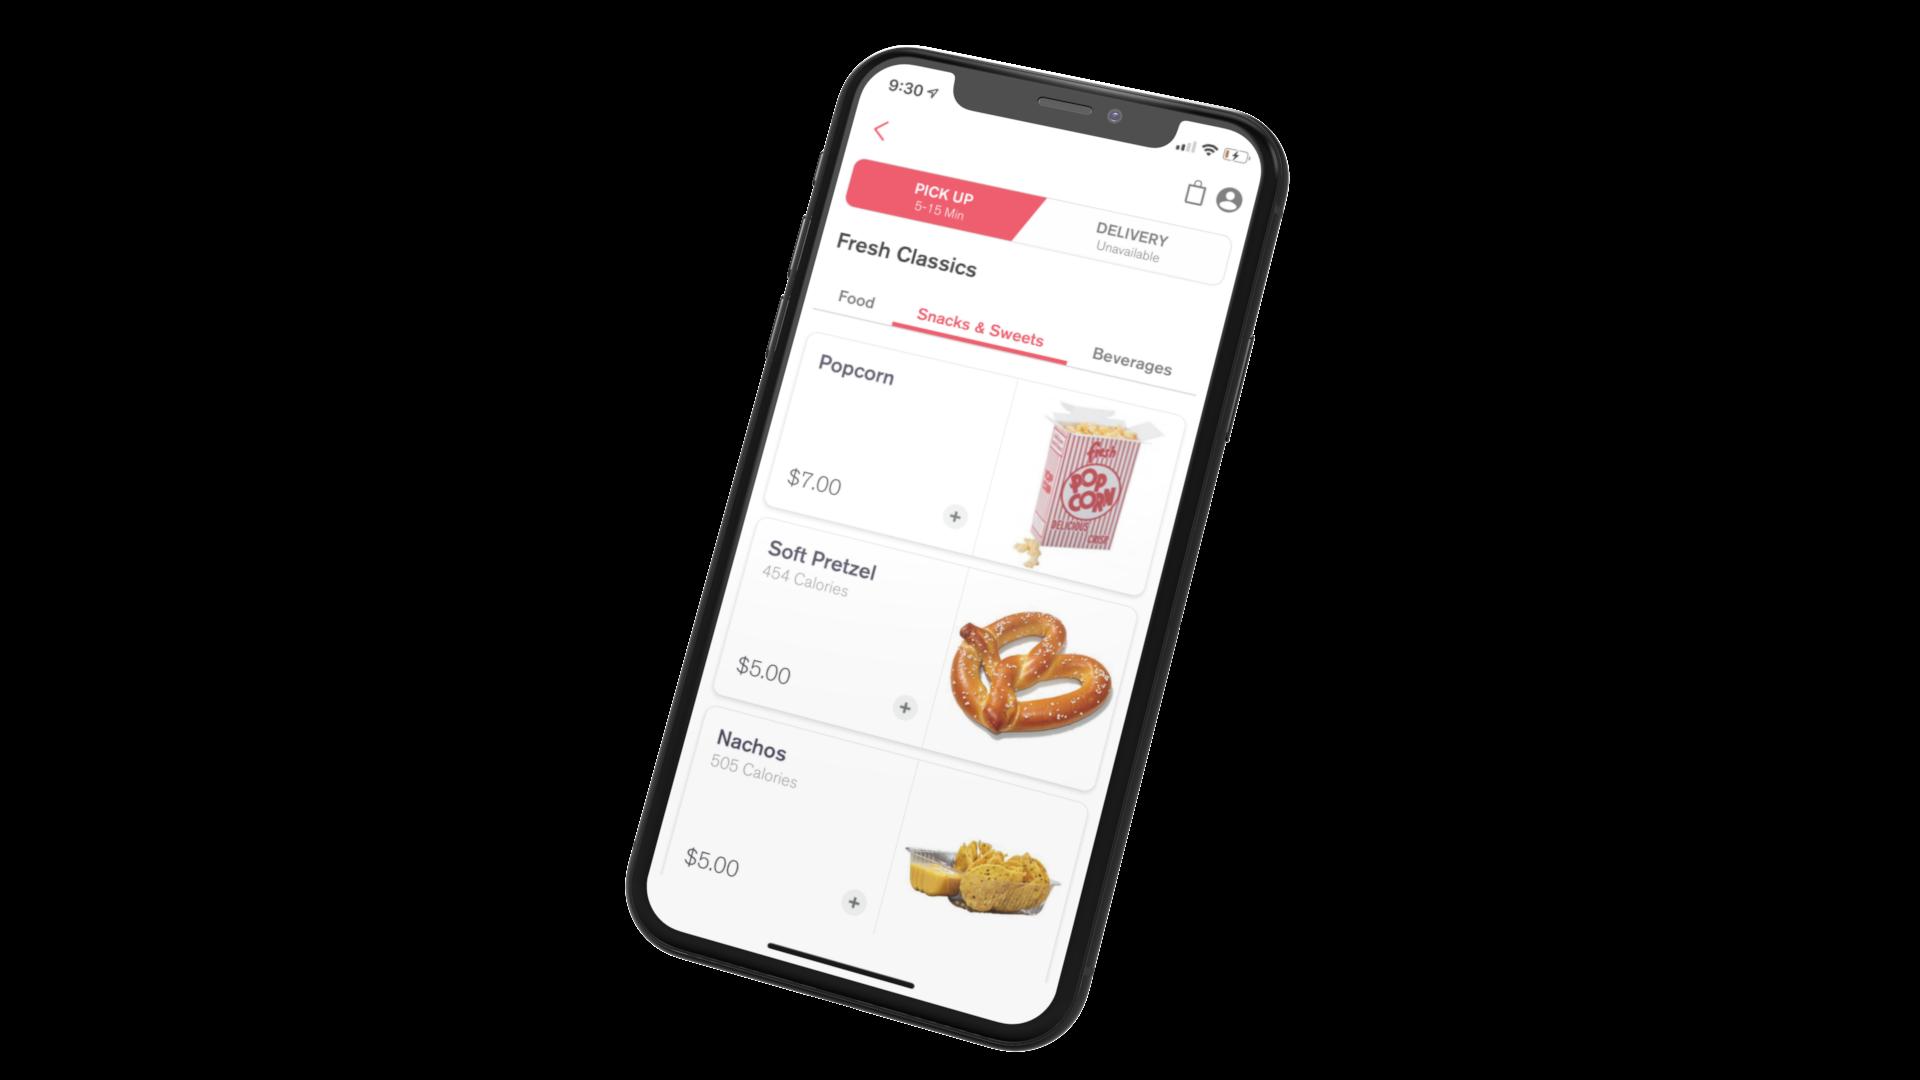 fanfood ordering app